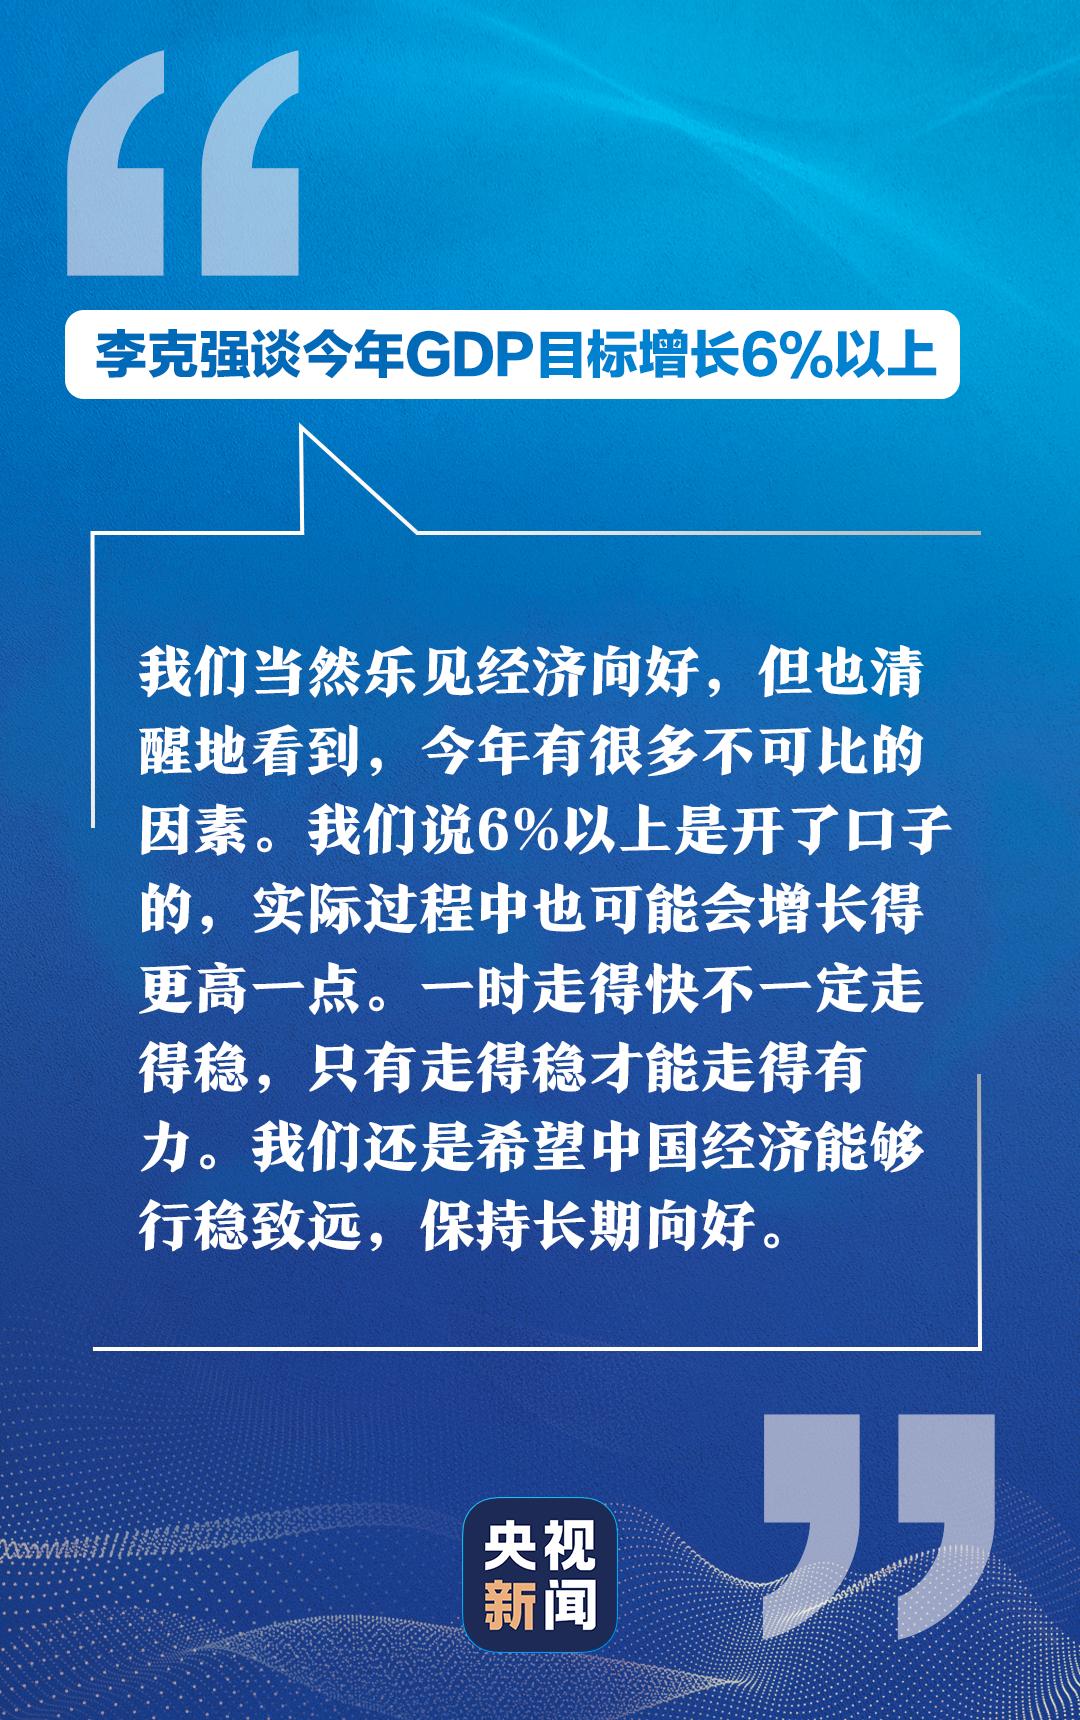 武林外传顺流而下_安阳党建网_国学开讲